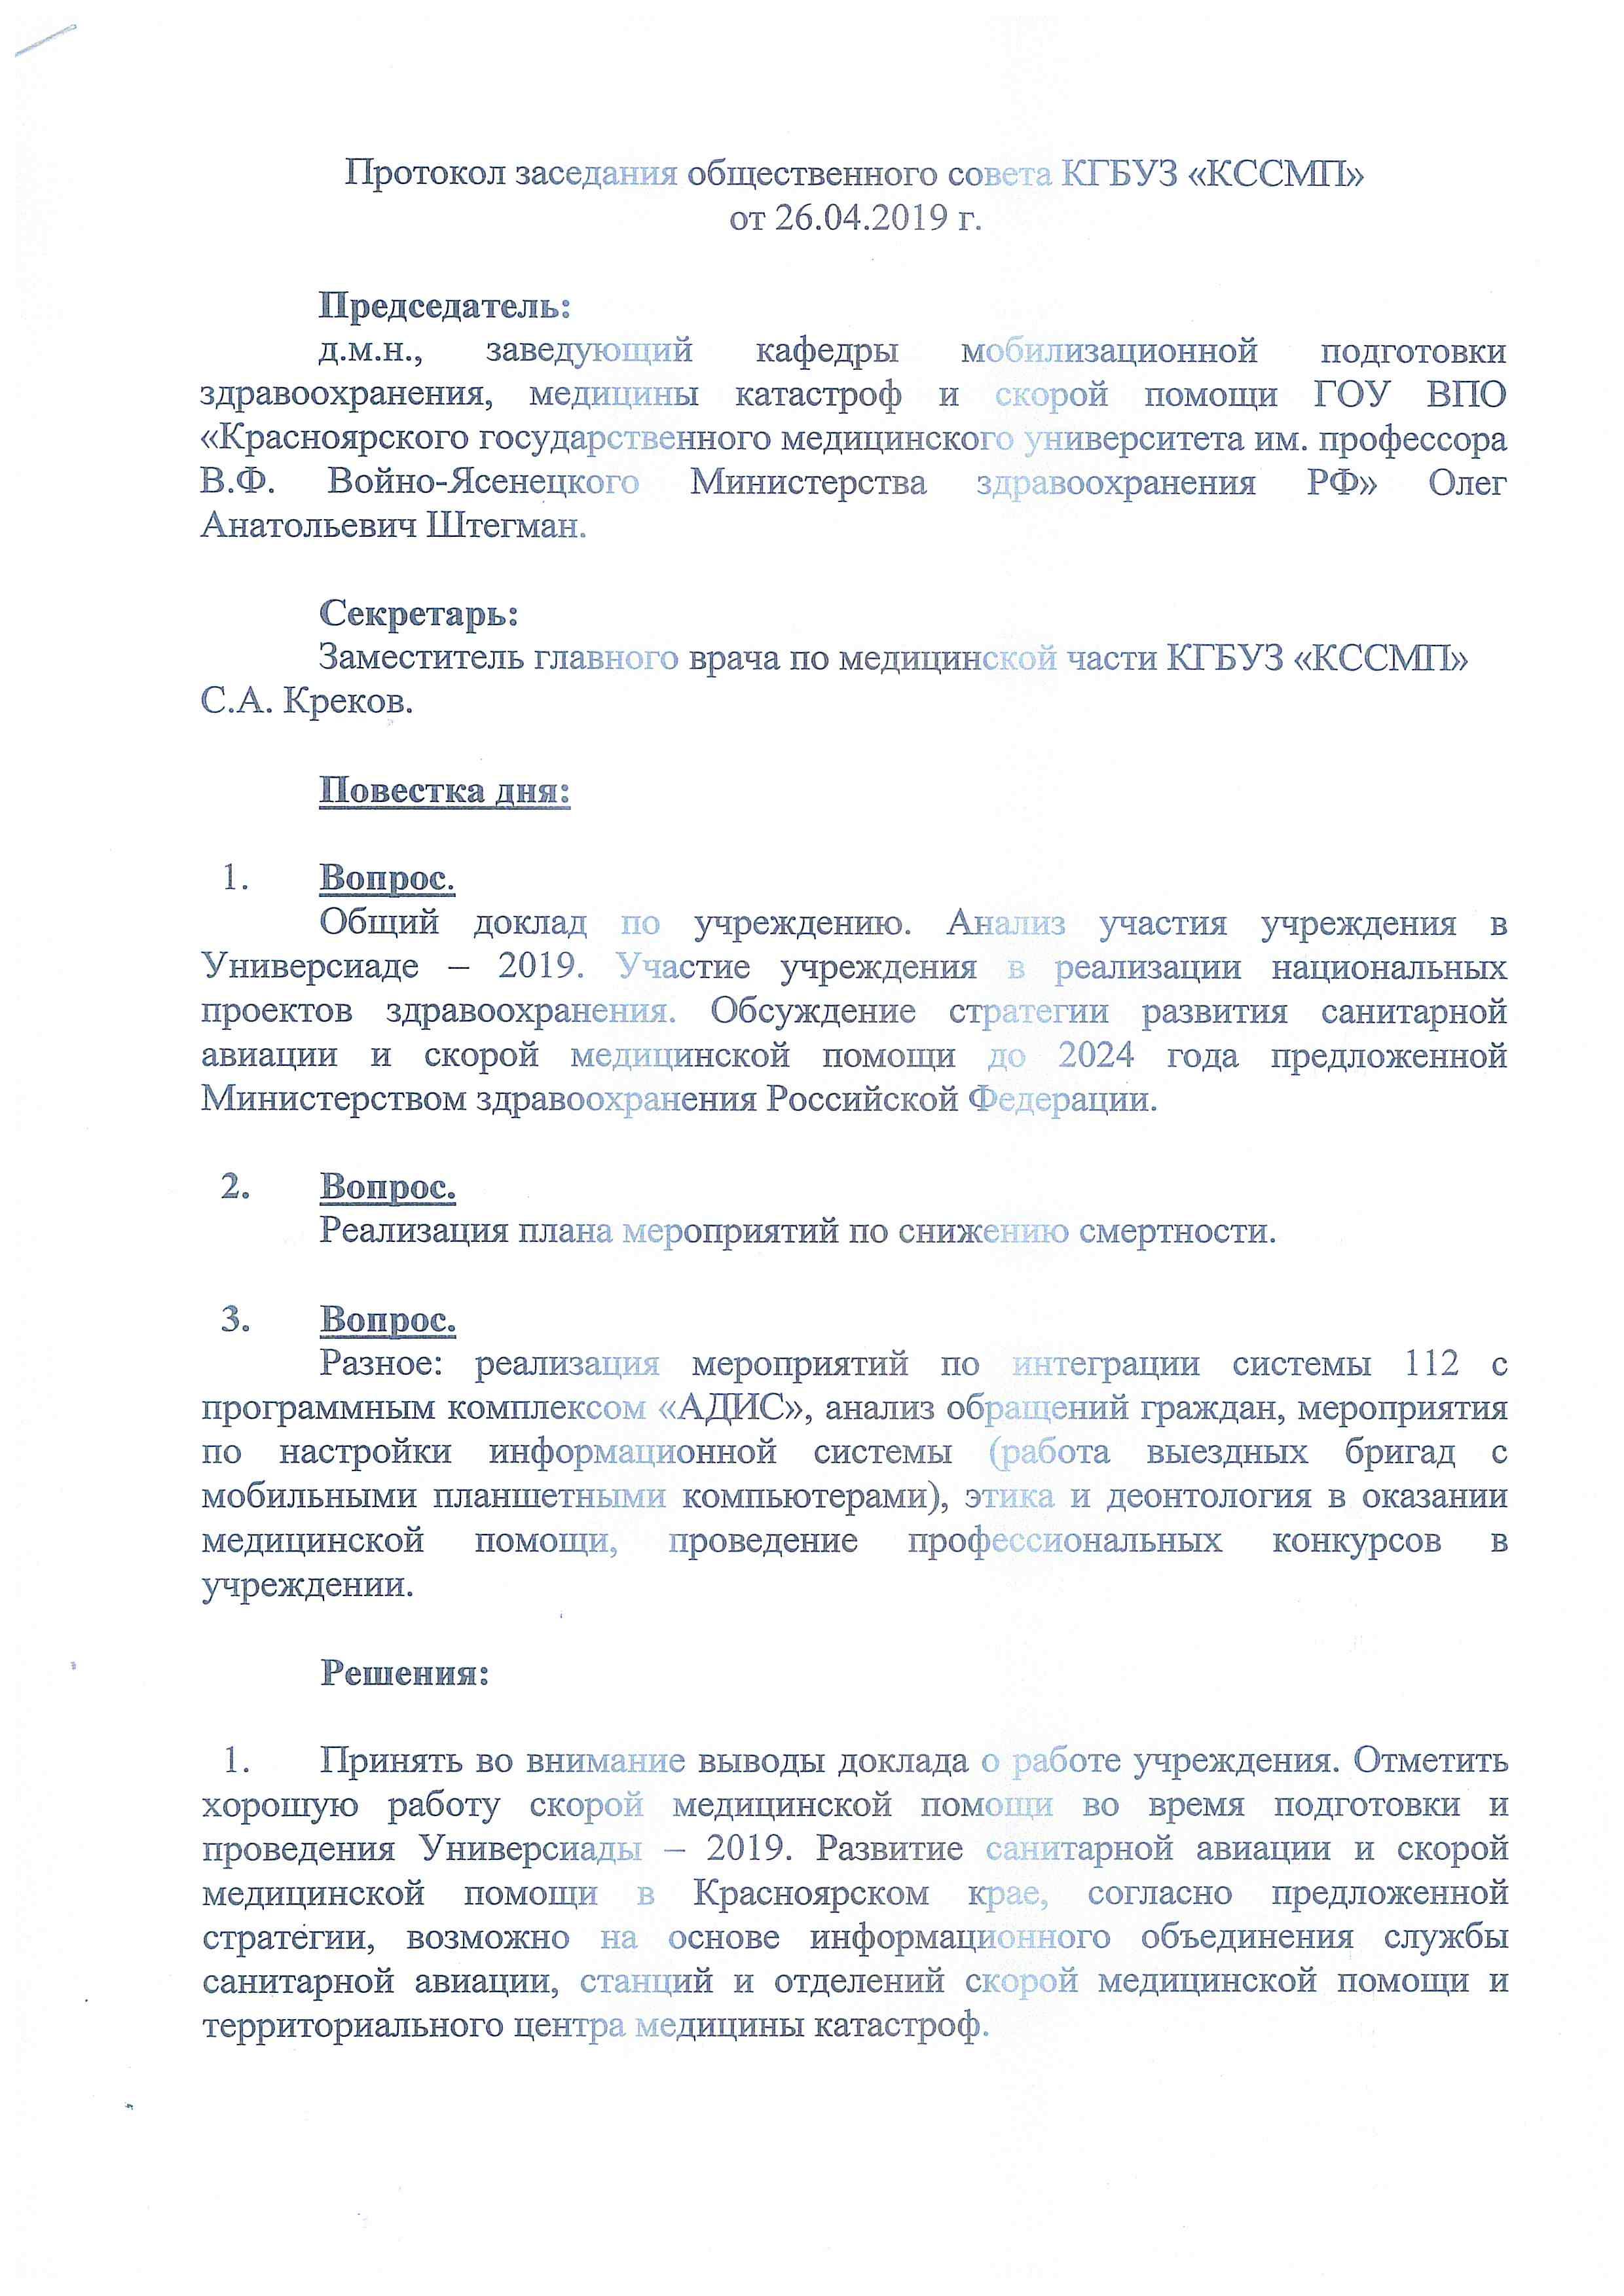 протокол 26.04.2019